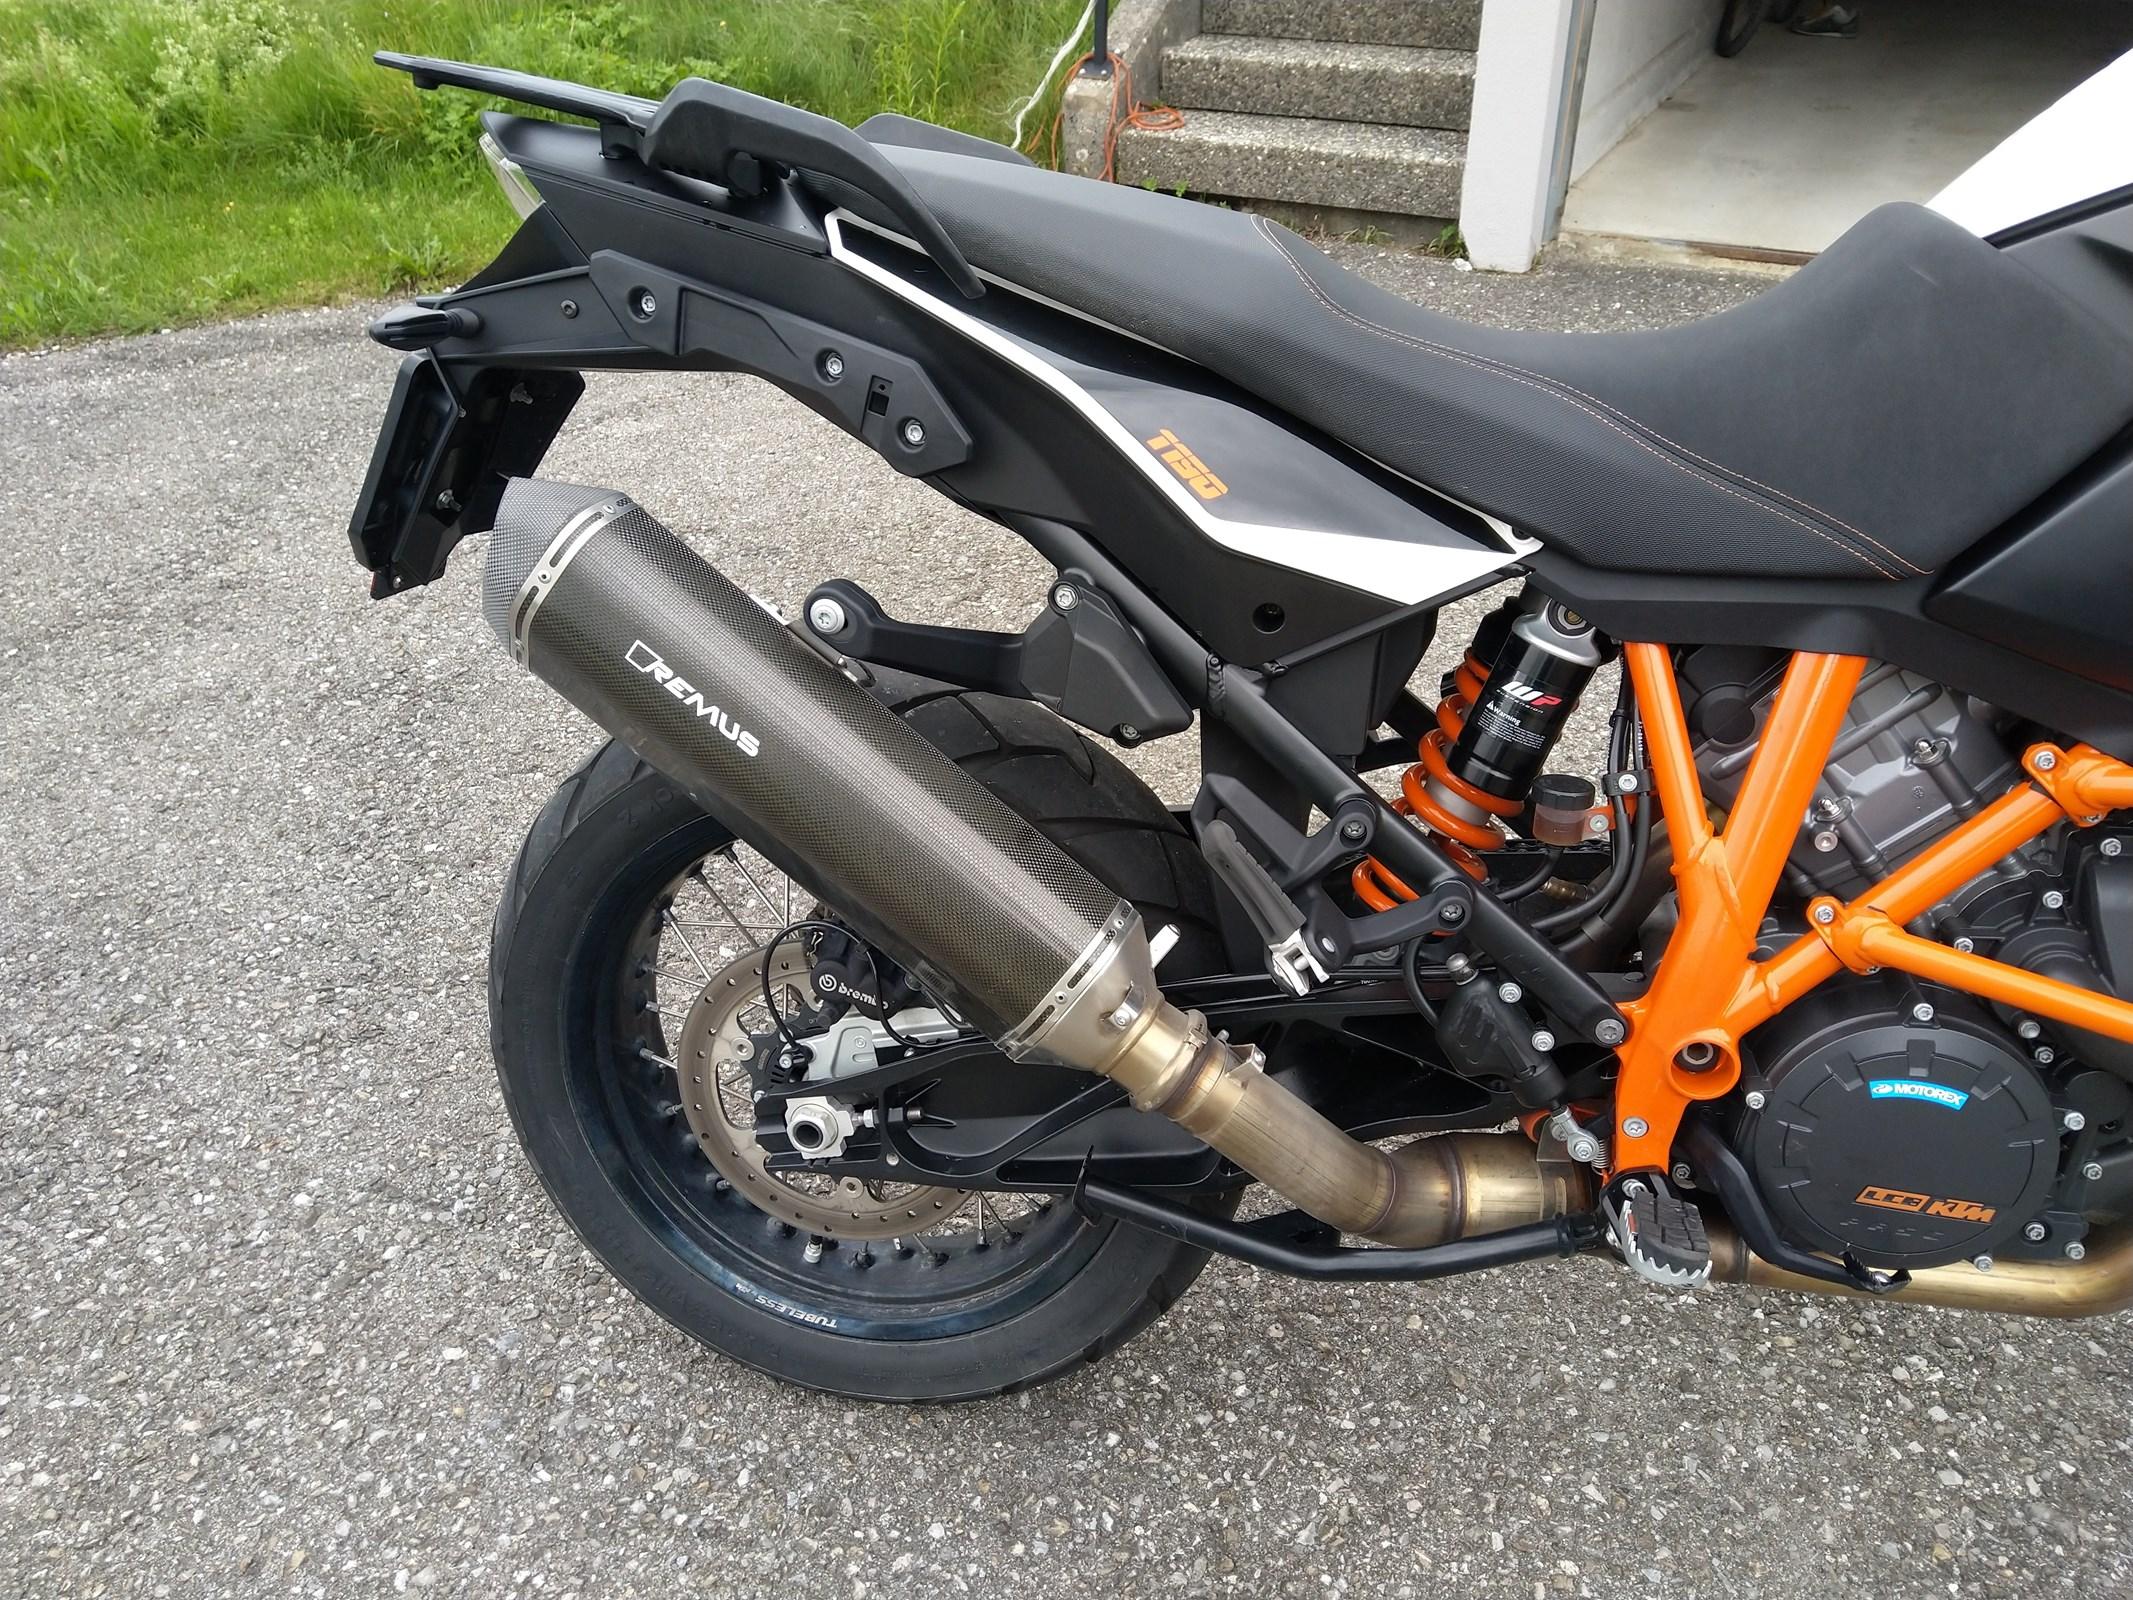 KTM 1190 Adventure R ABS